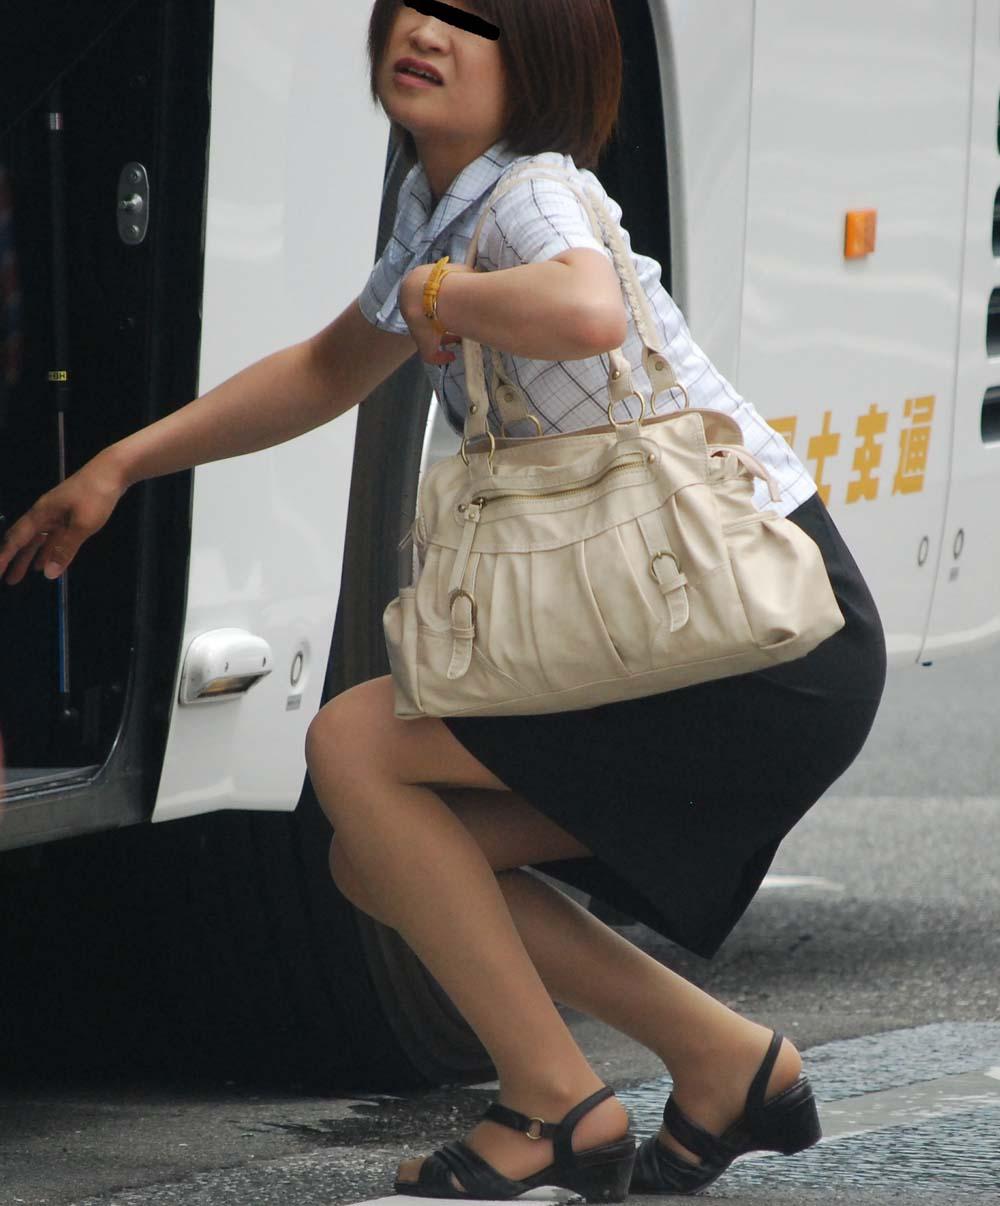 パンツ透け巨尻バスガイド盗撮エロ画像5枚目